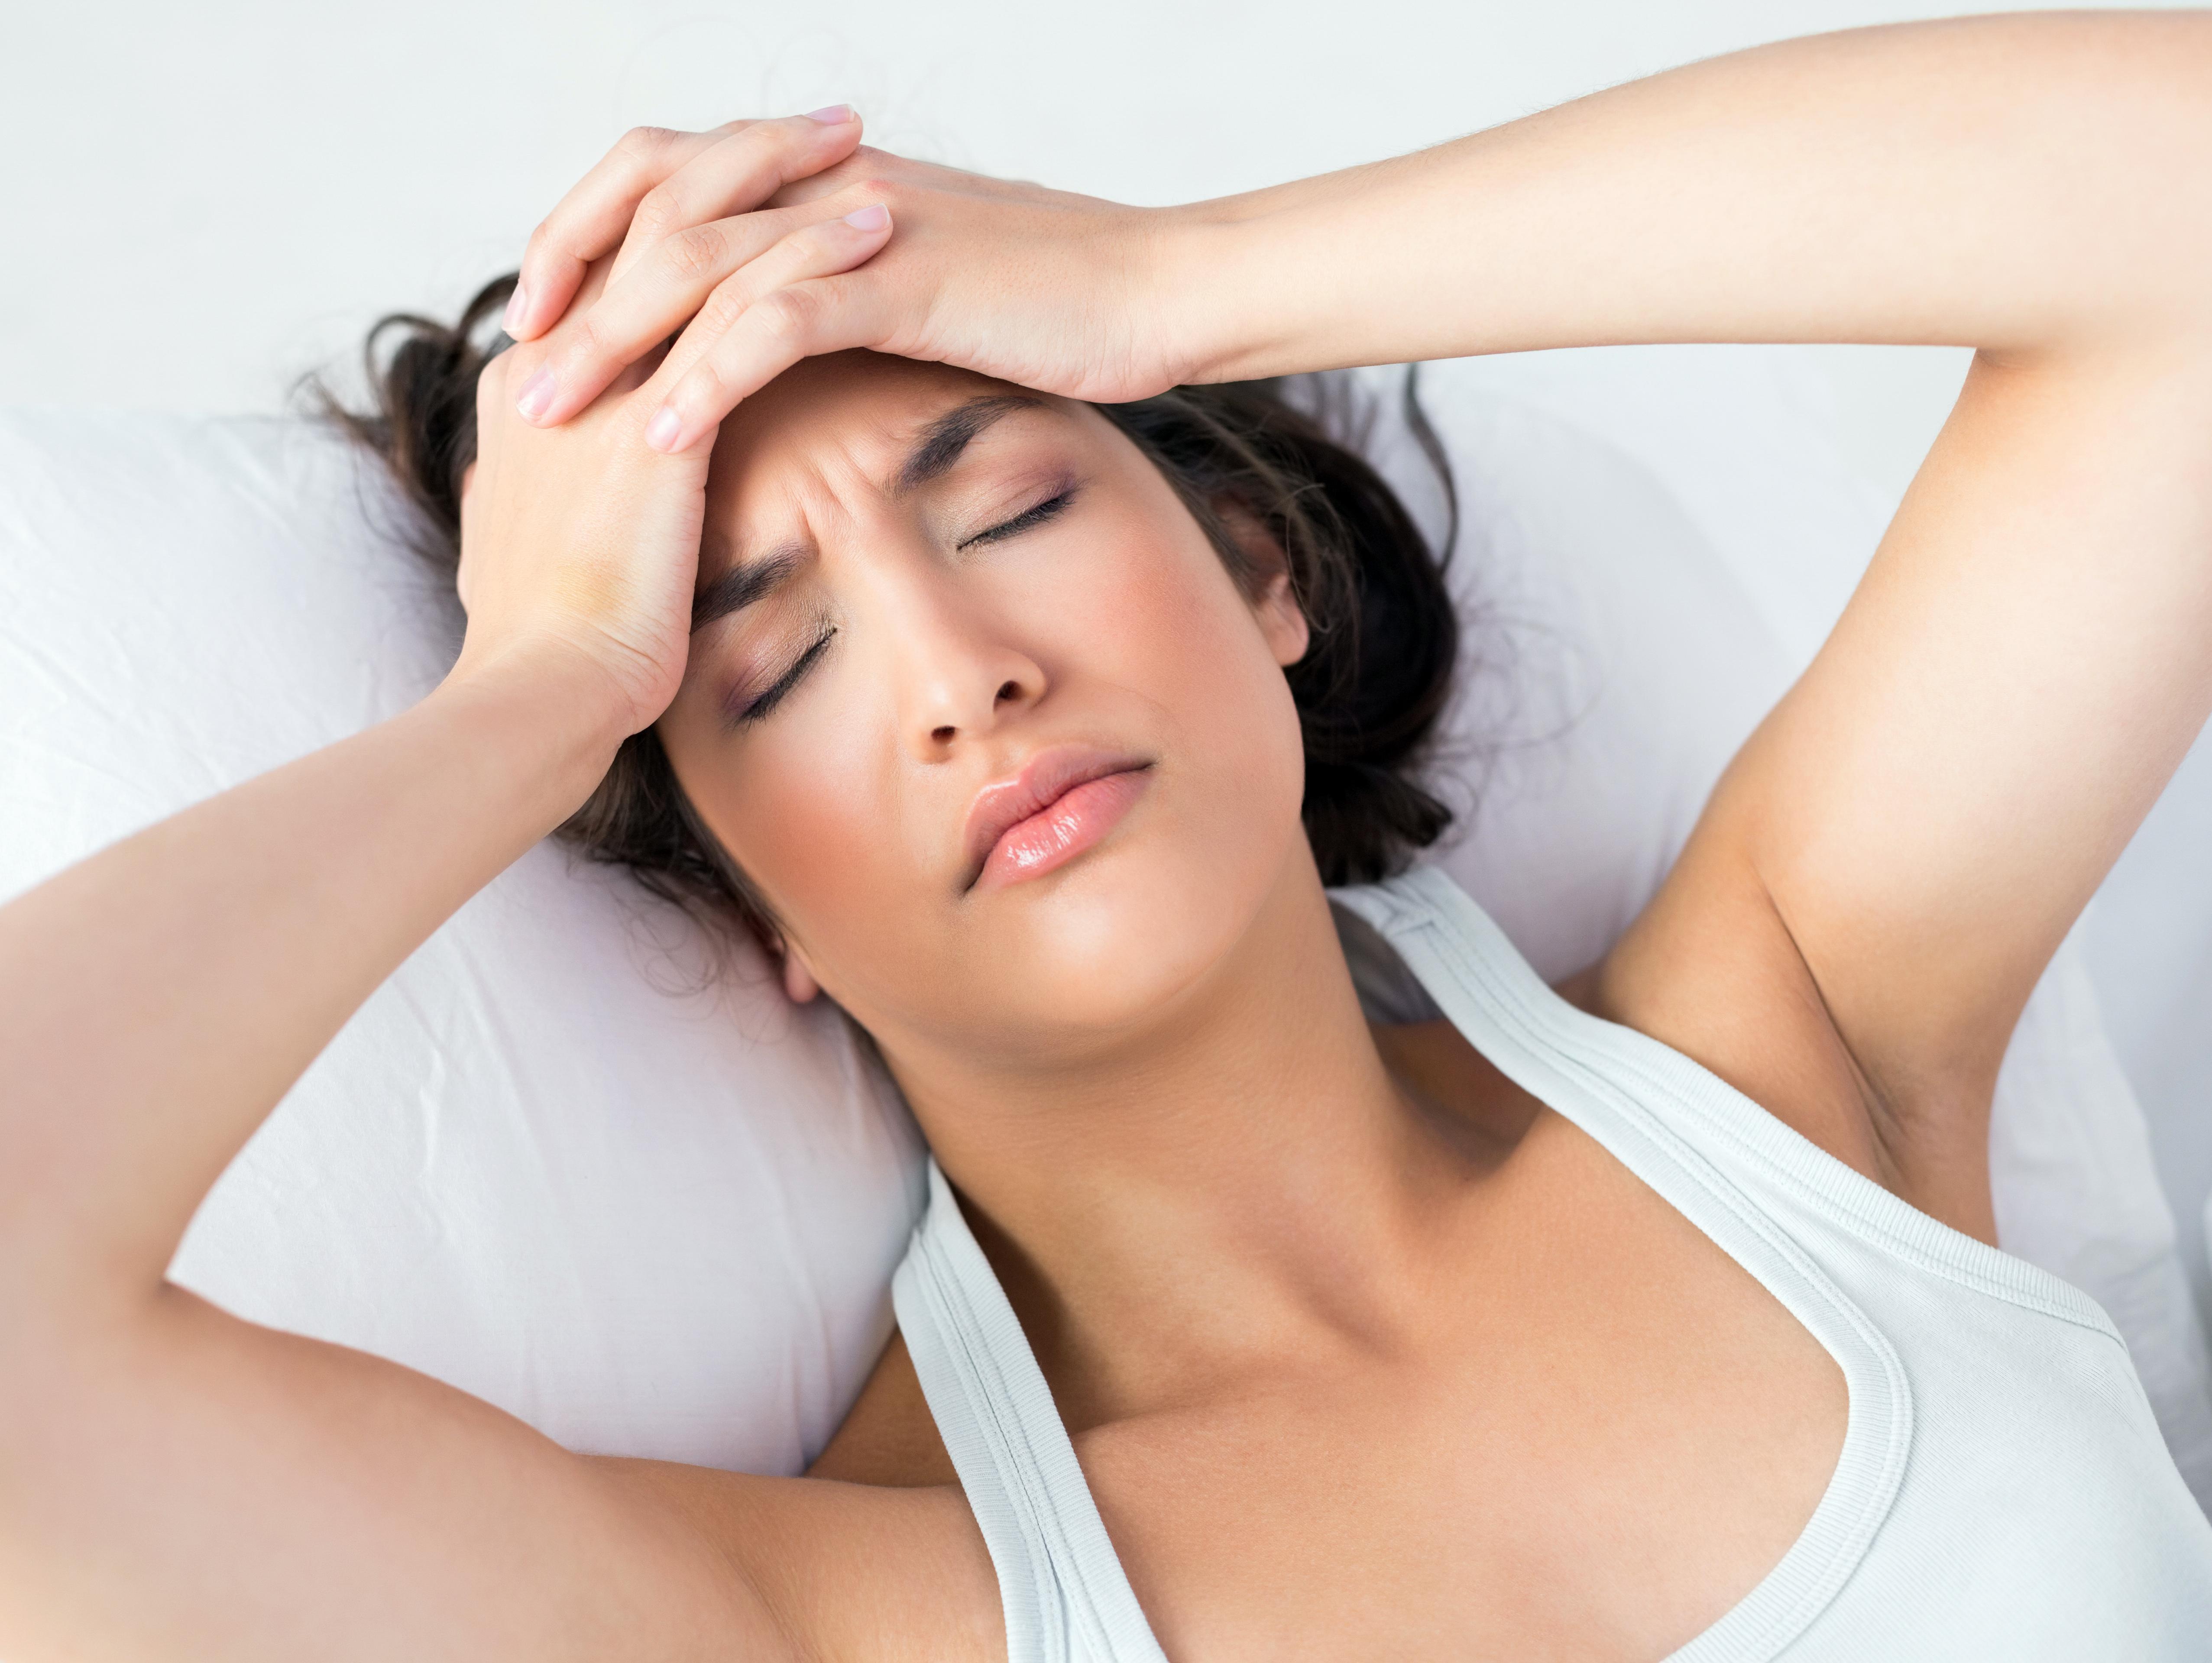 7 פעולות מפתיעות שיעבירו לכם את כאב הראש